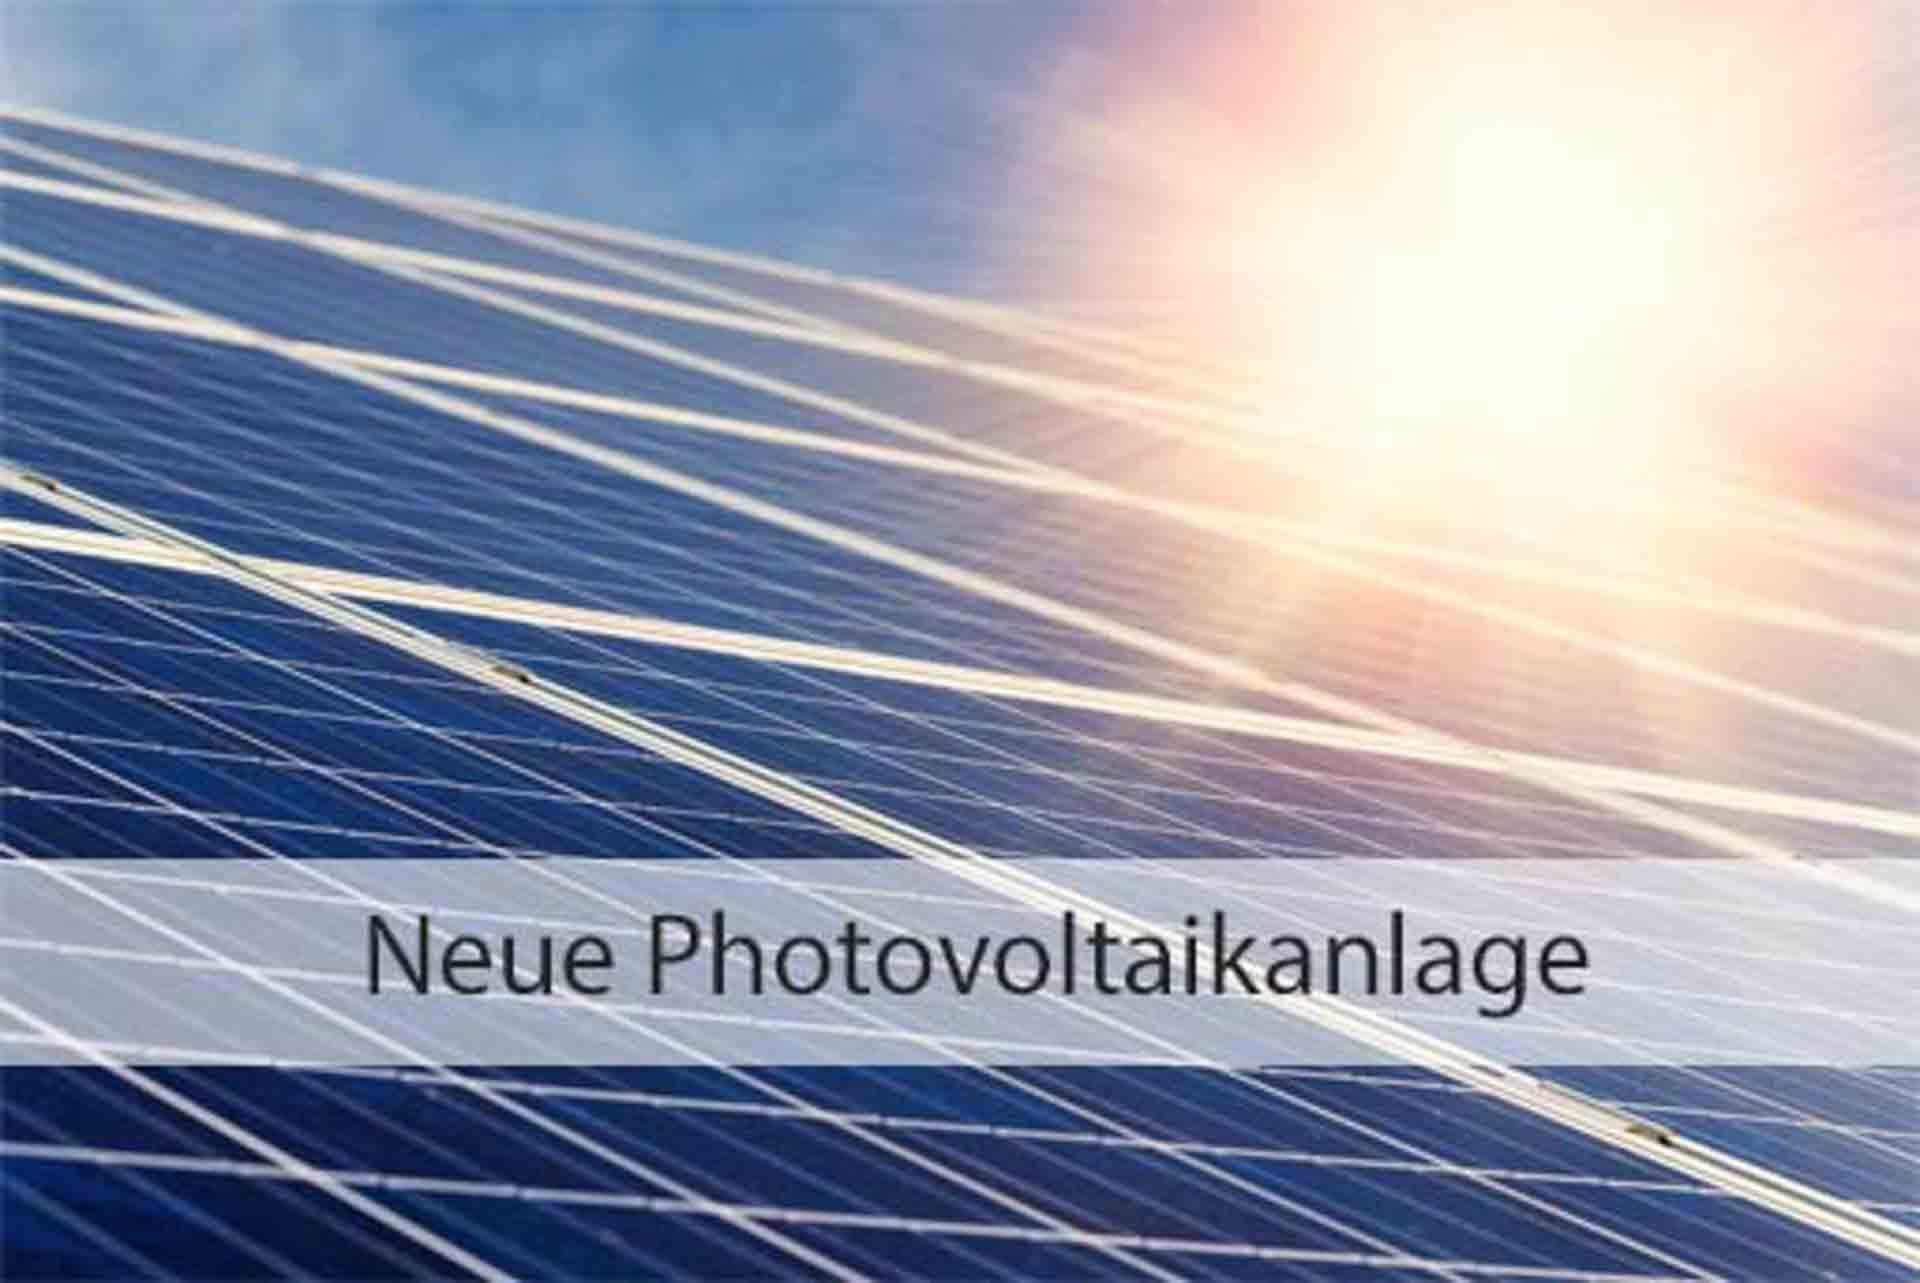 Neue Photovoltaikanlage | Papier-Schäfer GmbH & Co. KG